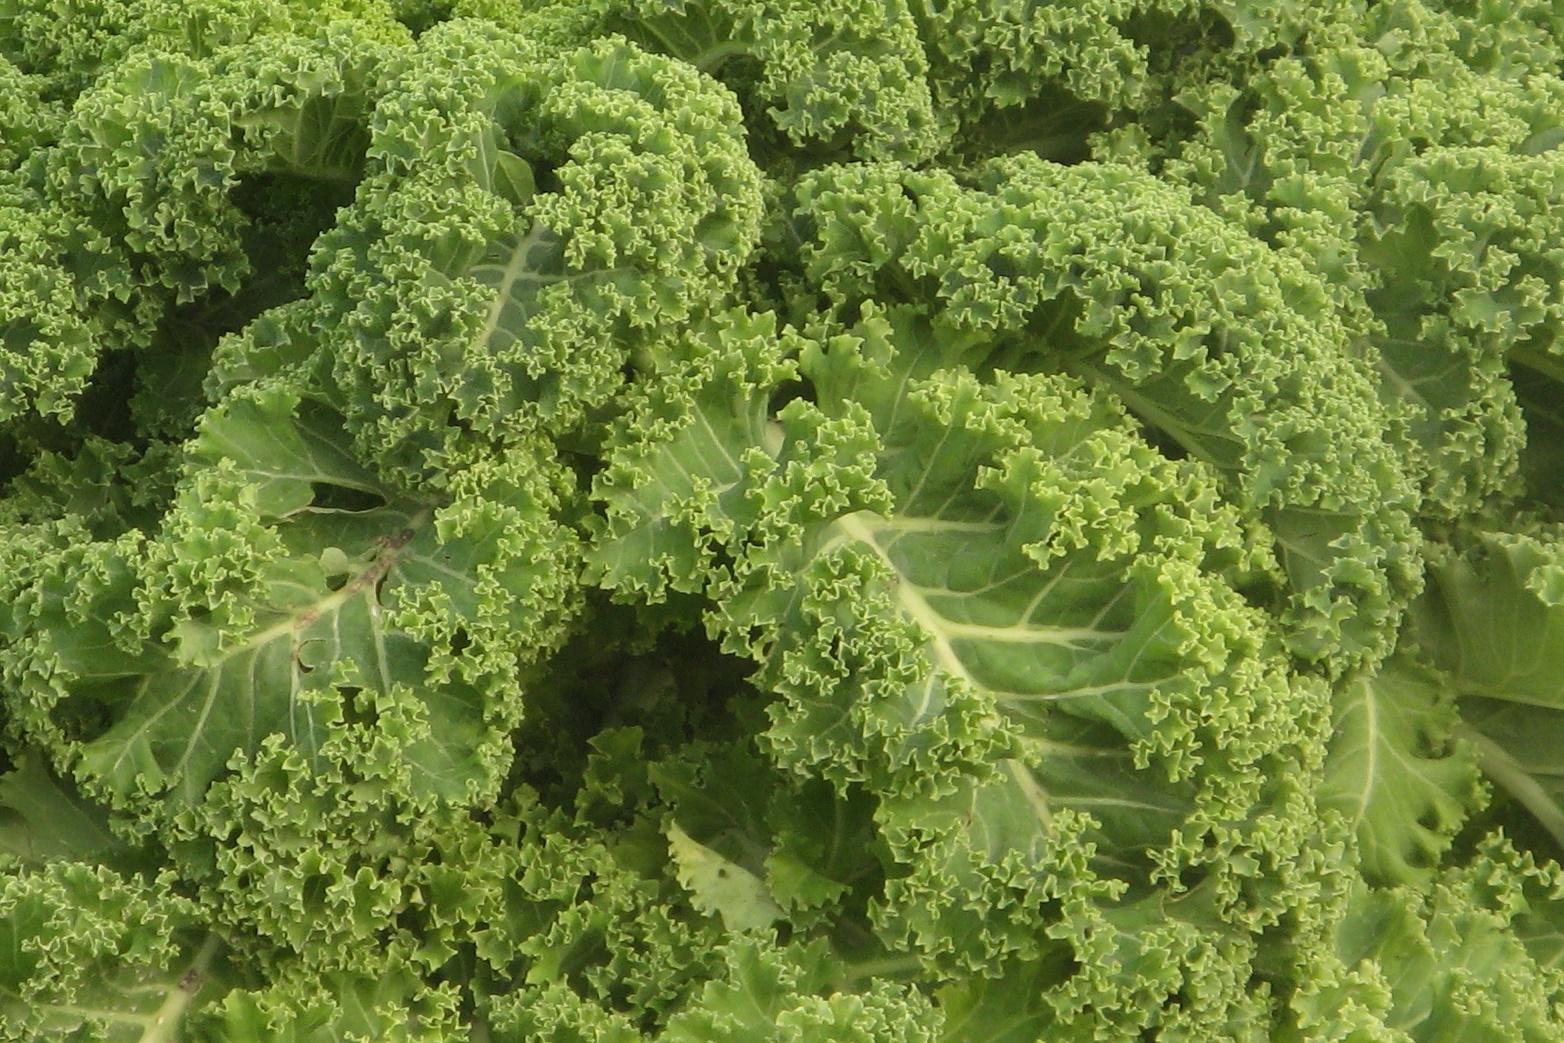 κειλ τσιπσ. biologiko Kale, bio προιοντα, e-shop βιολογικα προιοντα,αγορα βιολογικων προιοντων,βιολογικά, βιολογικά καταστήματα, βιολογικά προιόντα, βιολογικά προϊόντα, βιολογικά τρόφιμα, βιολογική καλλιέργεια, βιολογικα βιολογικα αυγα, βιολογικα καλλυντικα, βιολογικα καταστηματα online, βιολογικα μαγαζια, βιολογικα προιοντα βιολογικα προιοντα e shop, βιολογικα